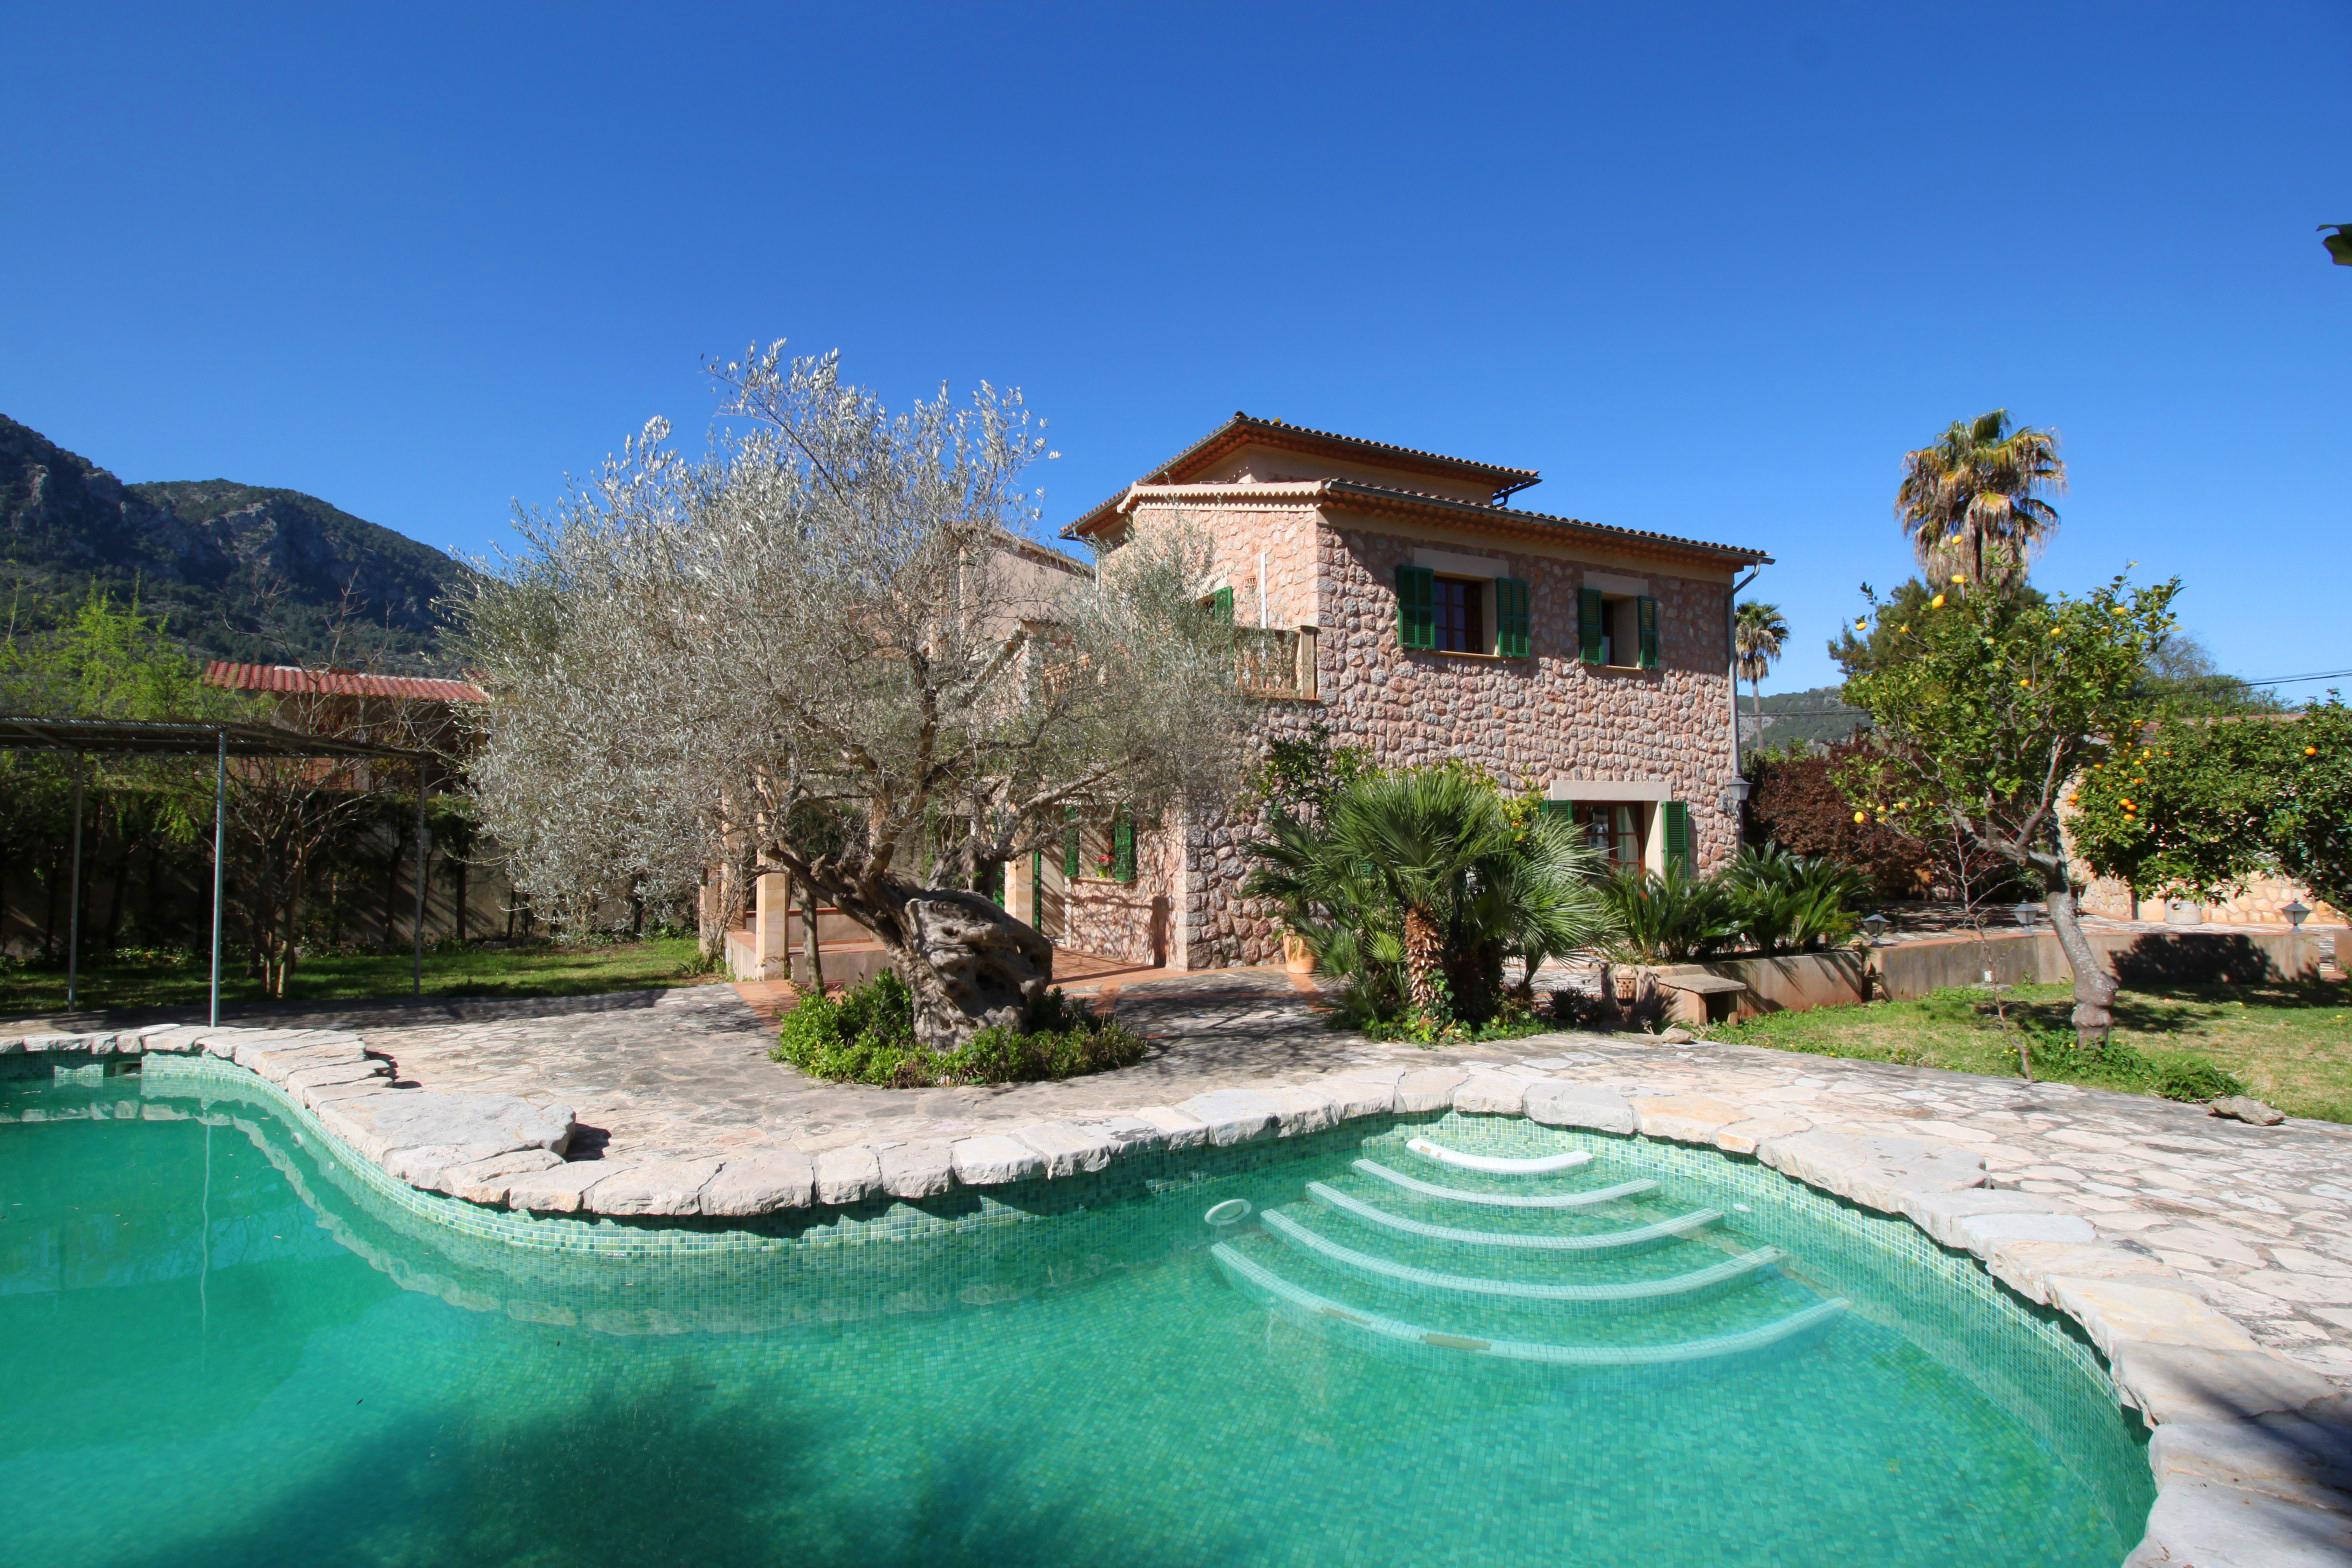 Impresionante villa con magnifico jardín y piscina en soller